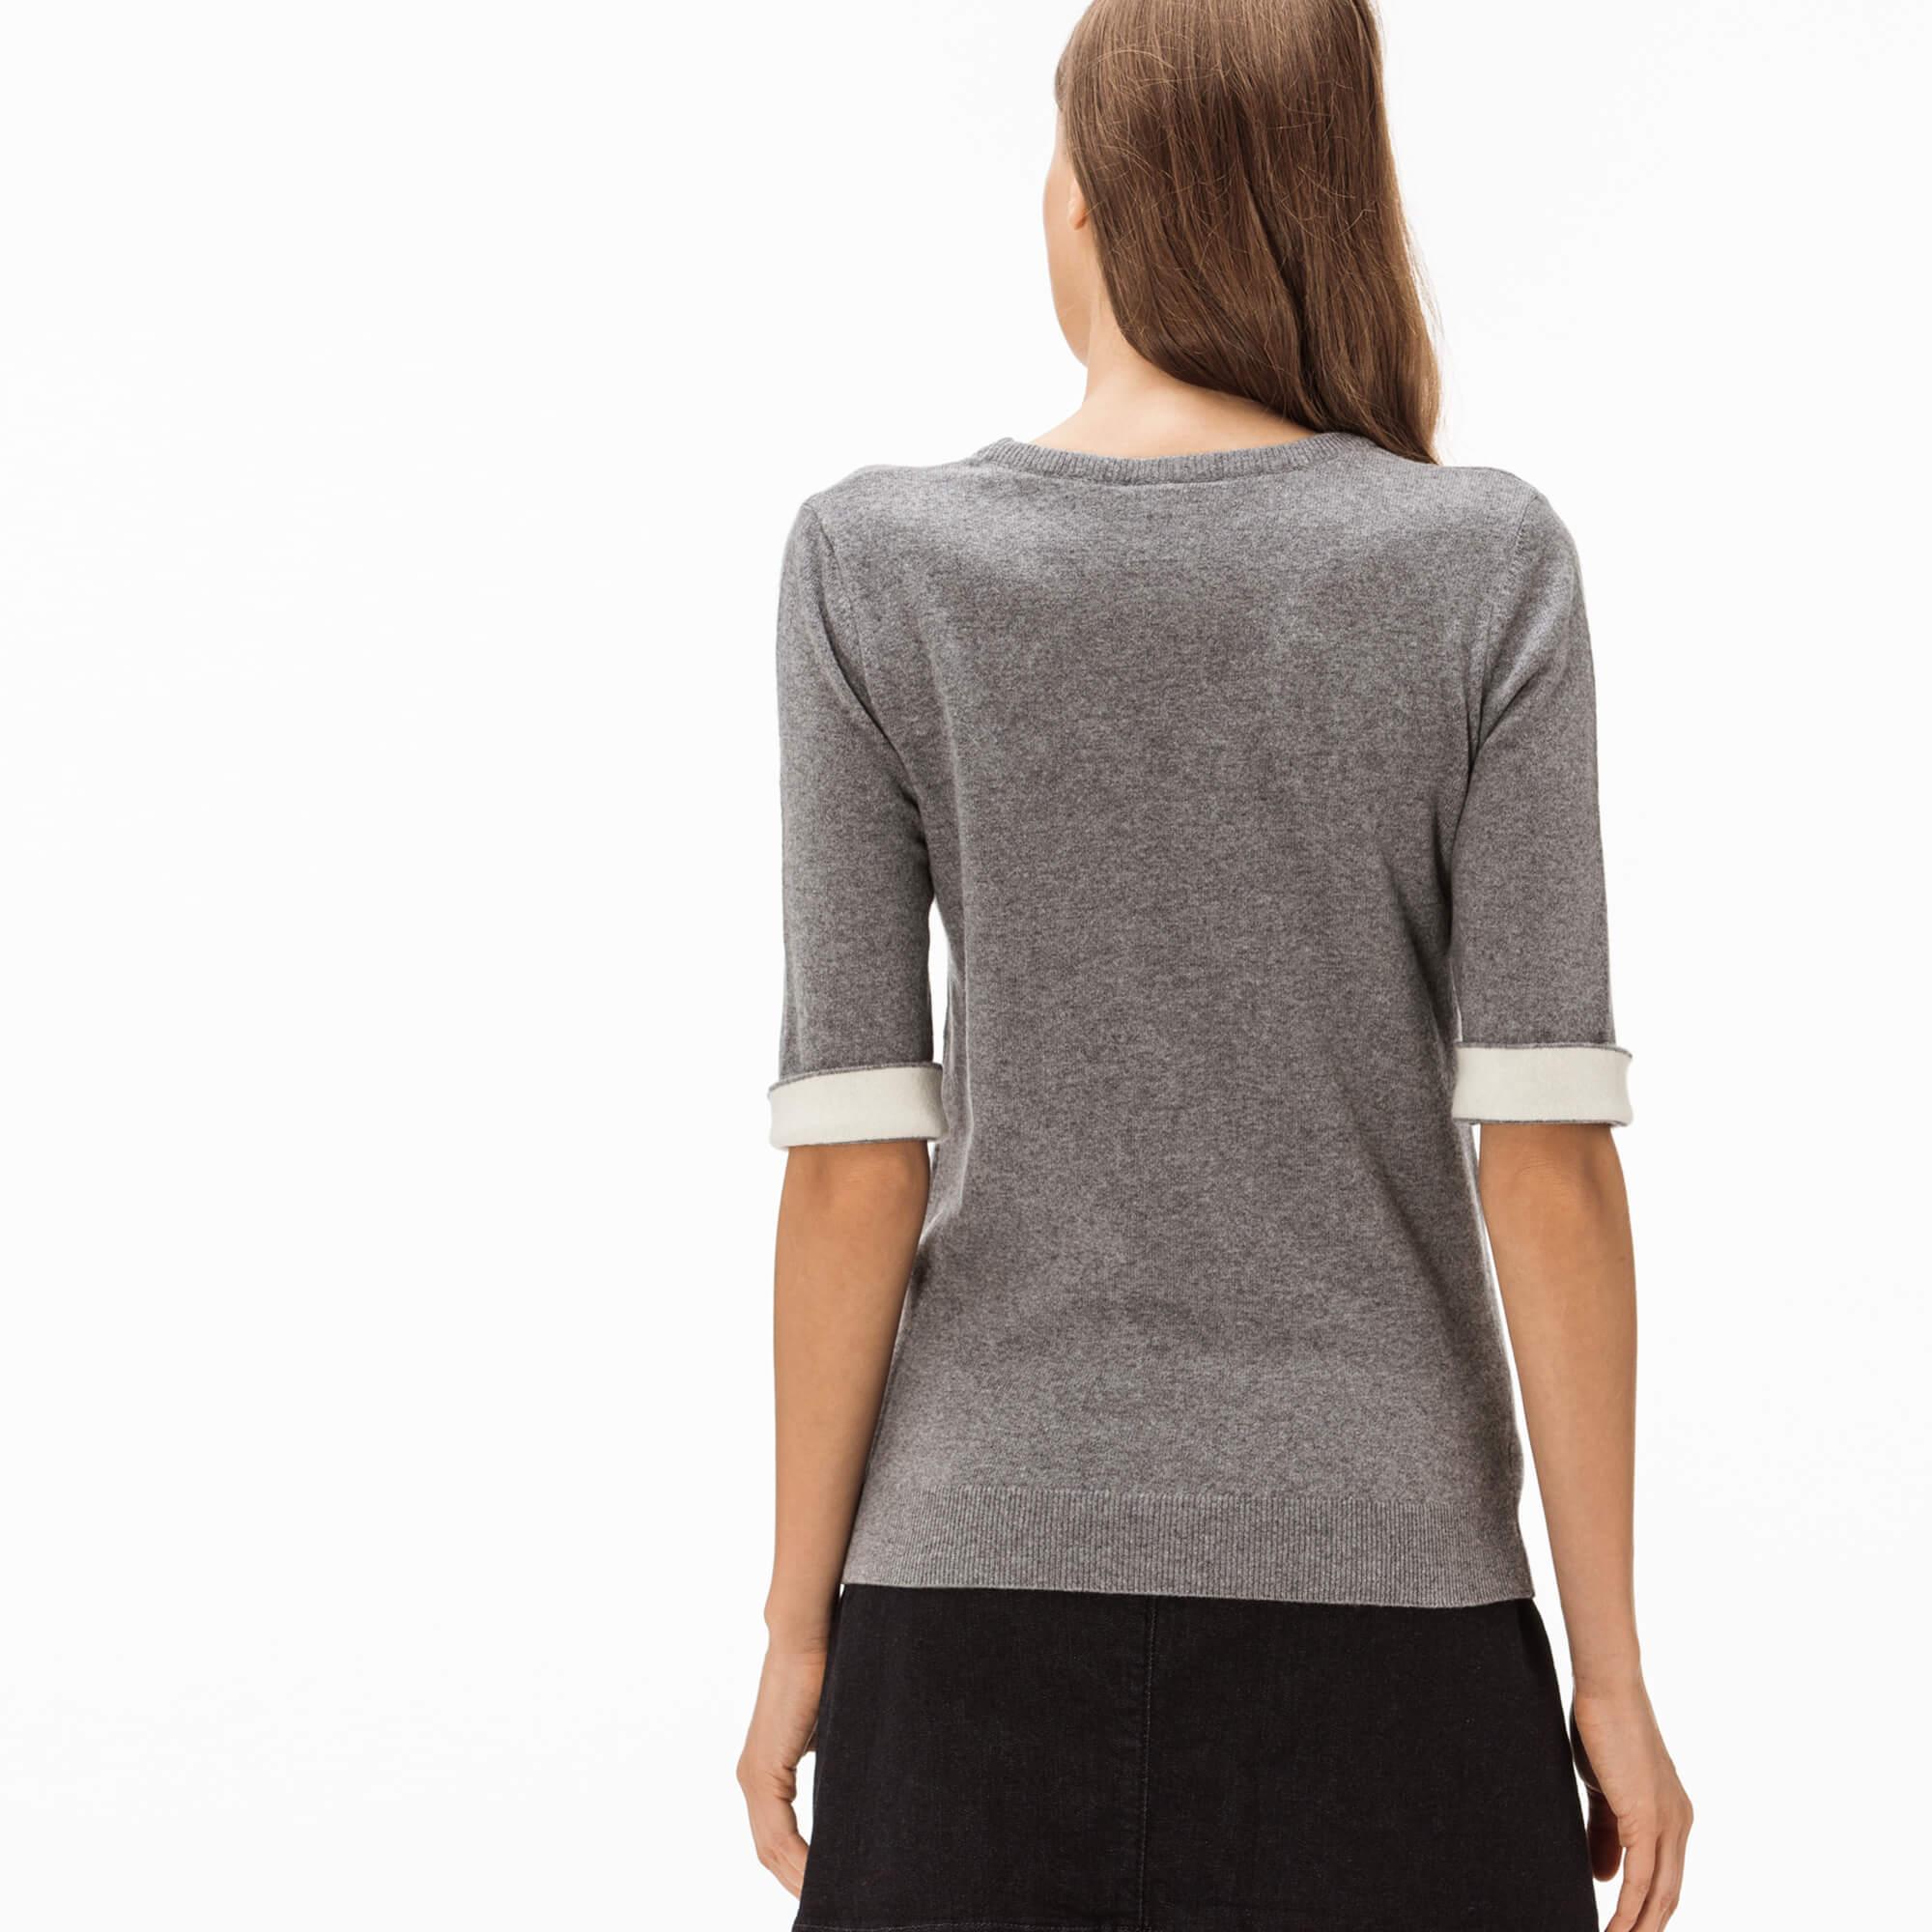 Фото 4 - Женский свитер Lacoste серого цвета